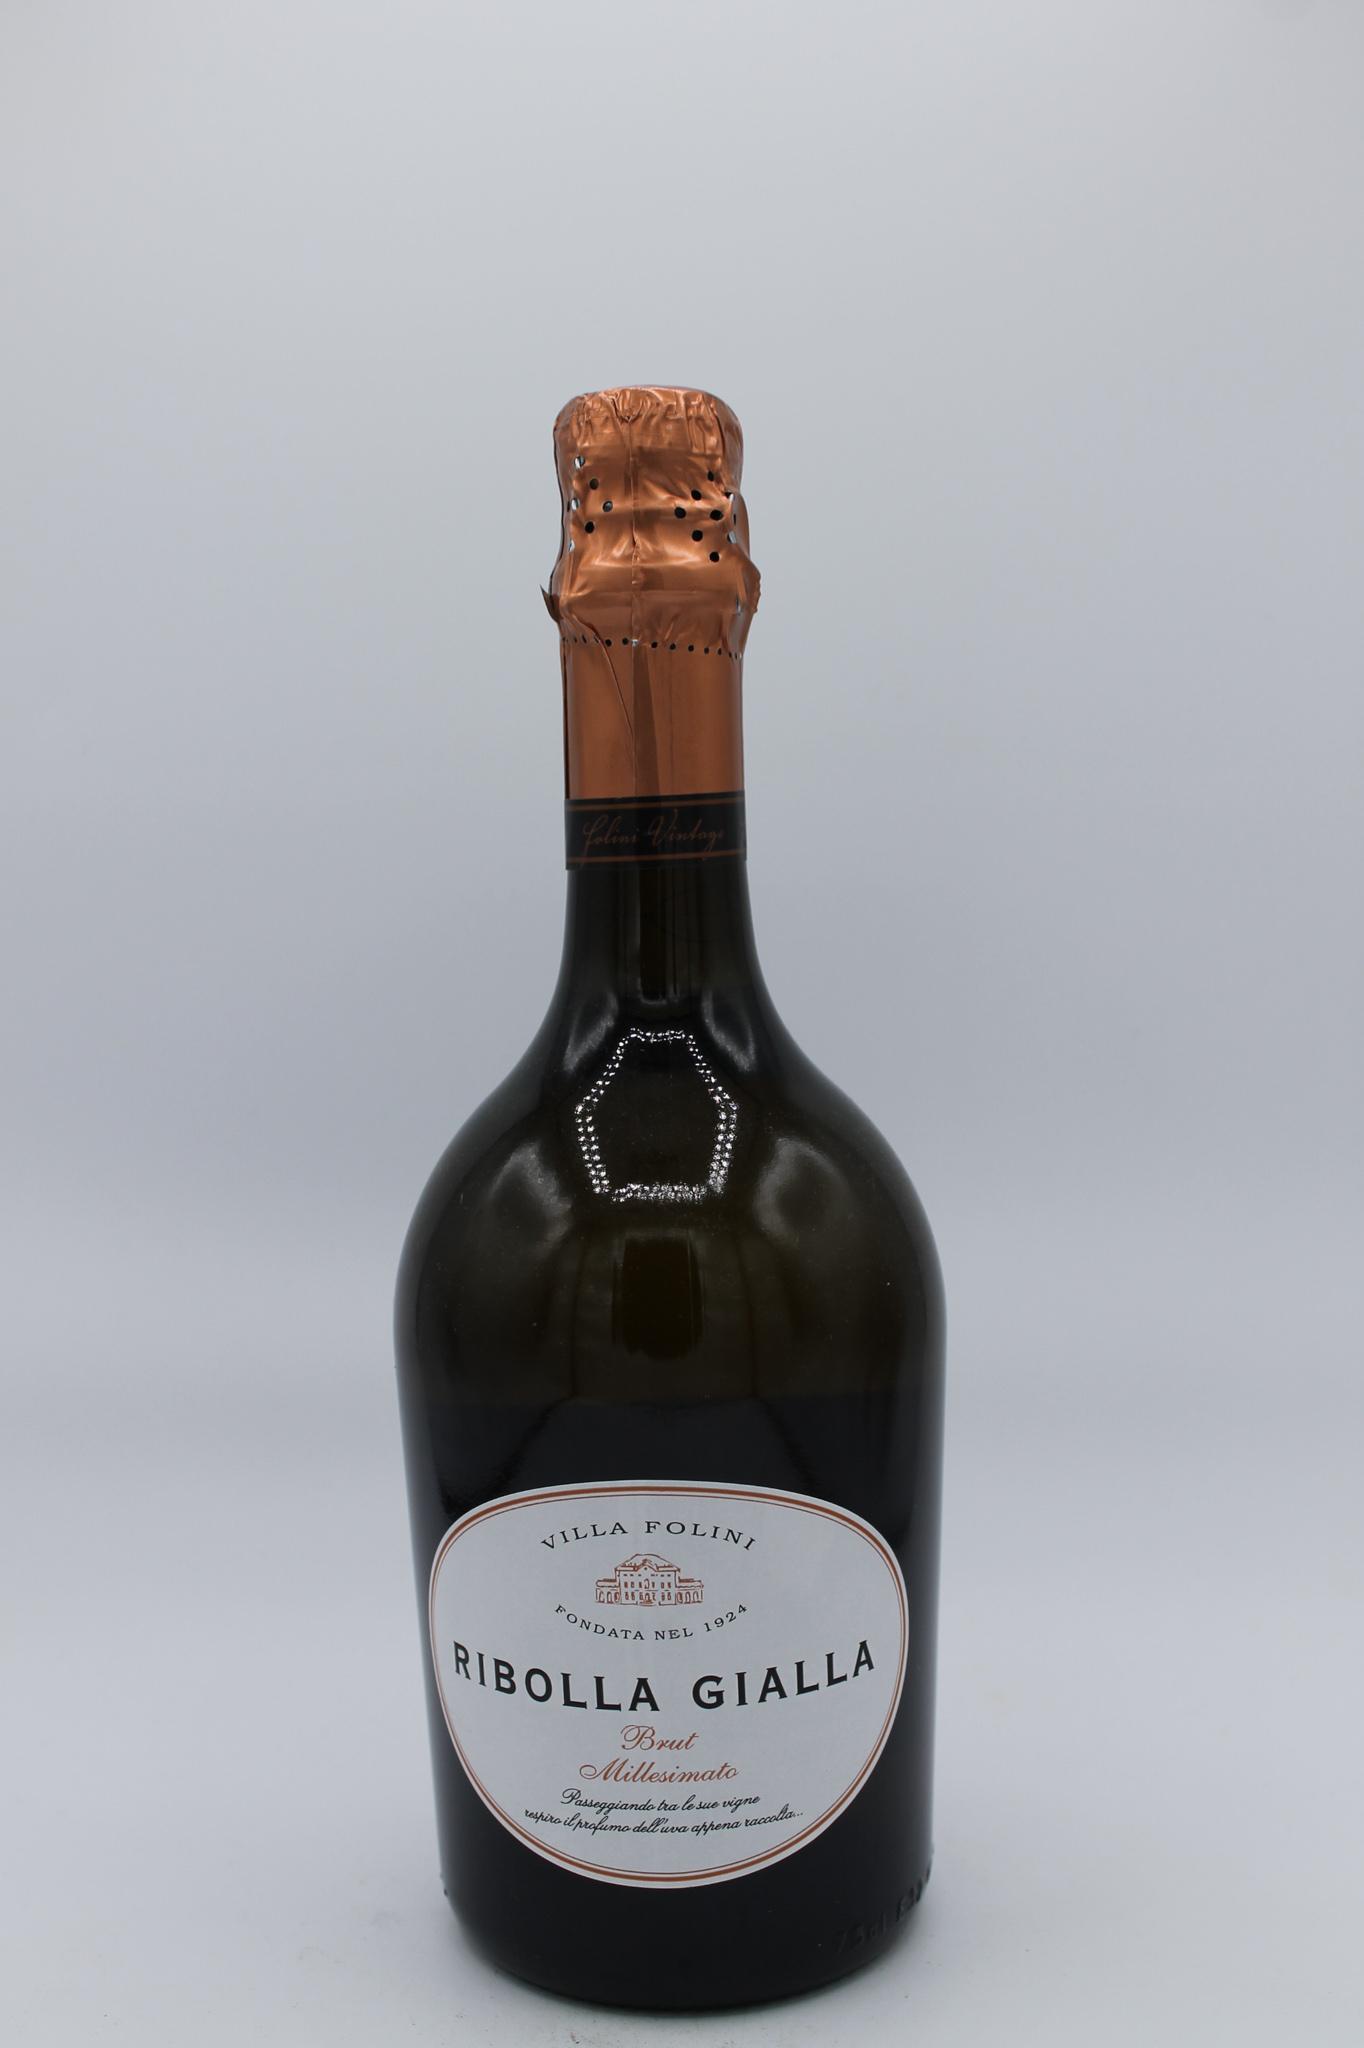 Villa Folini spumante brut millesimato ribolla gialla 750ml.